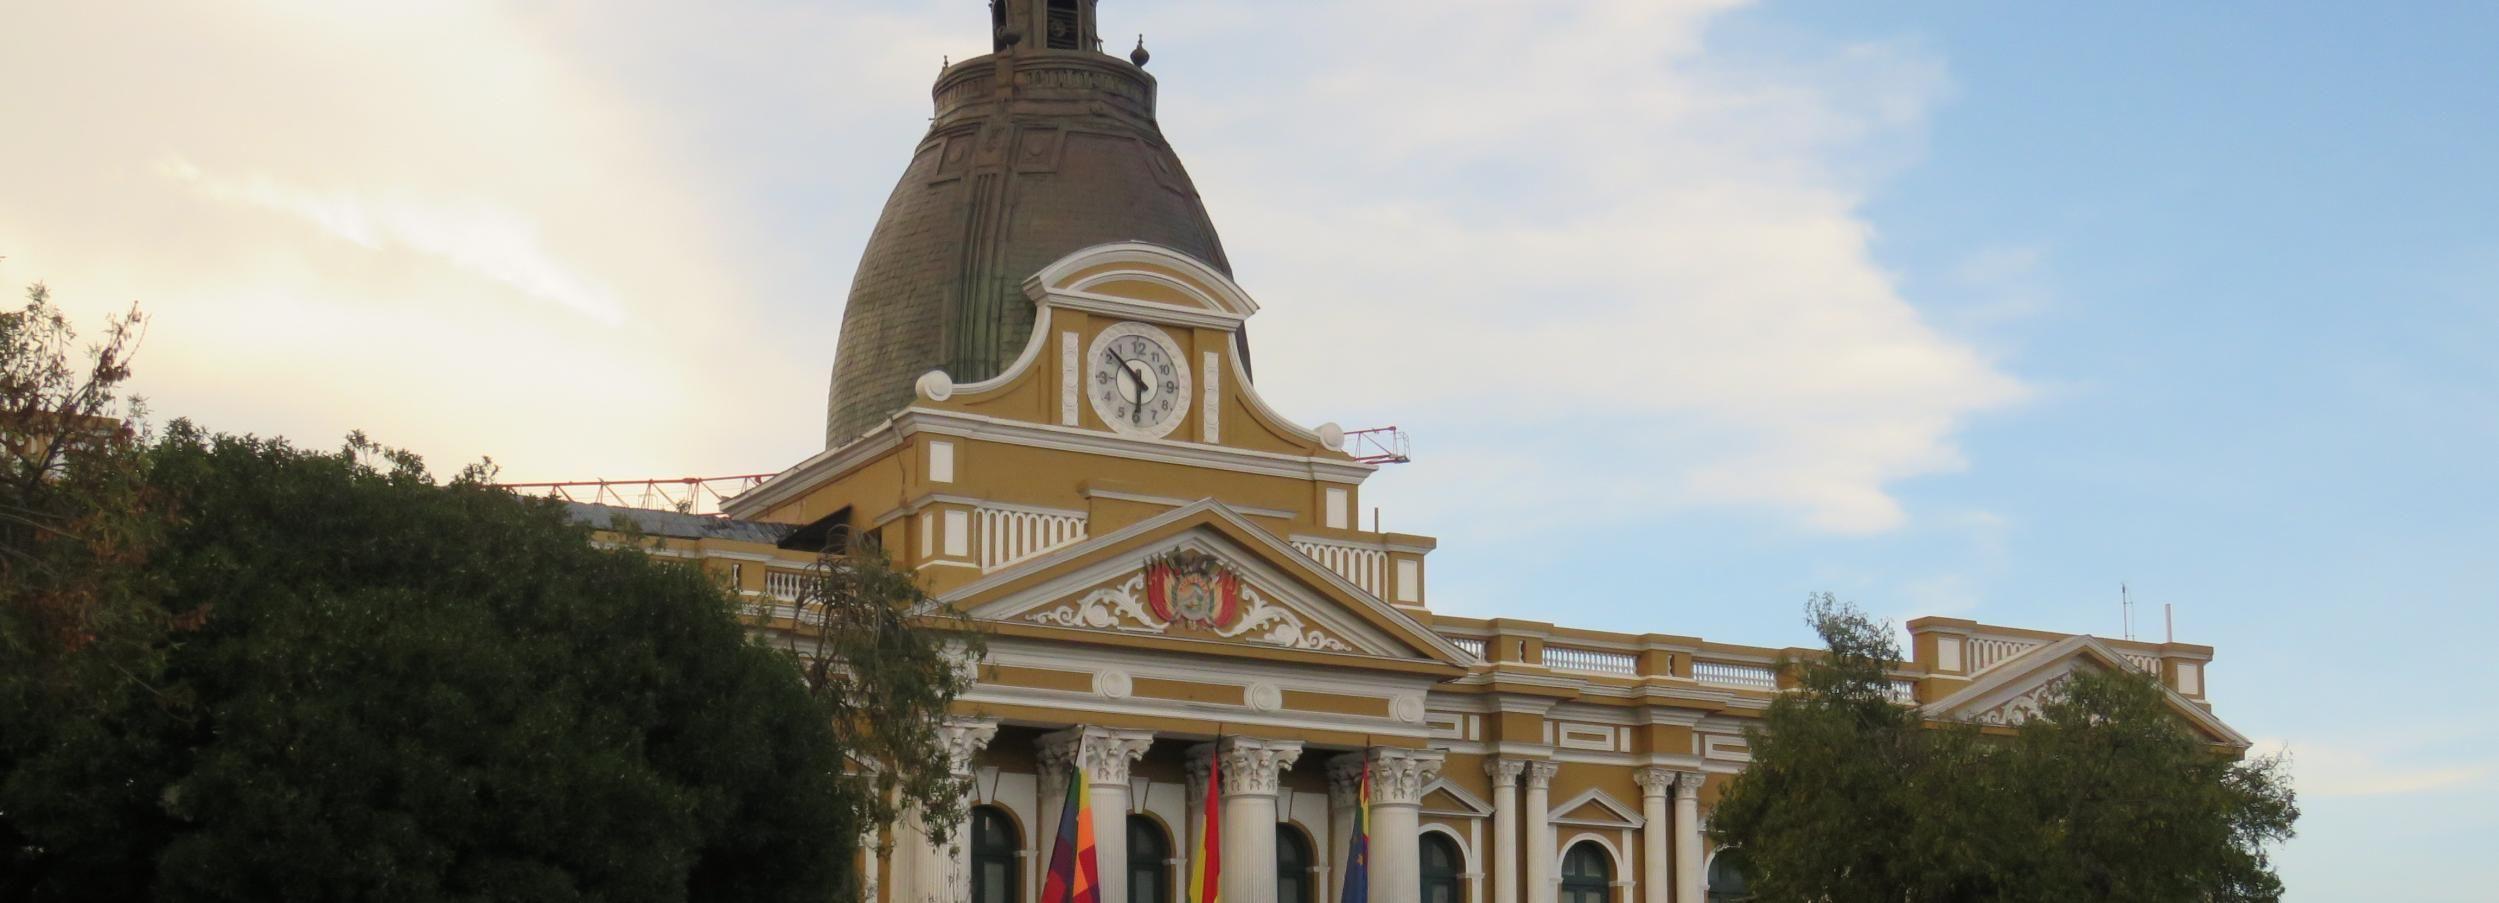 Private Stadtrundfahrt von La Paz